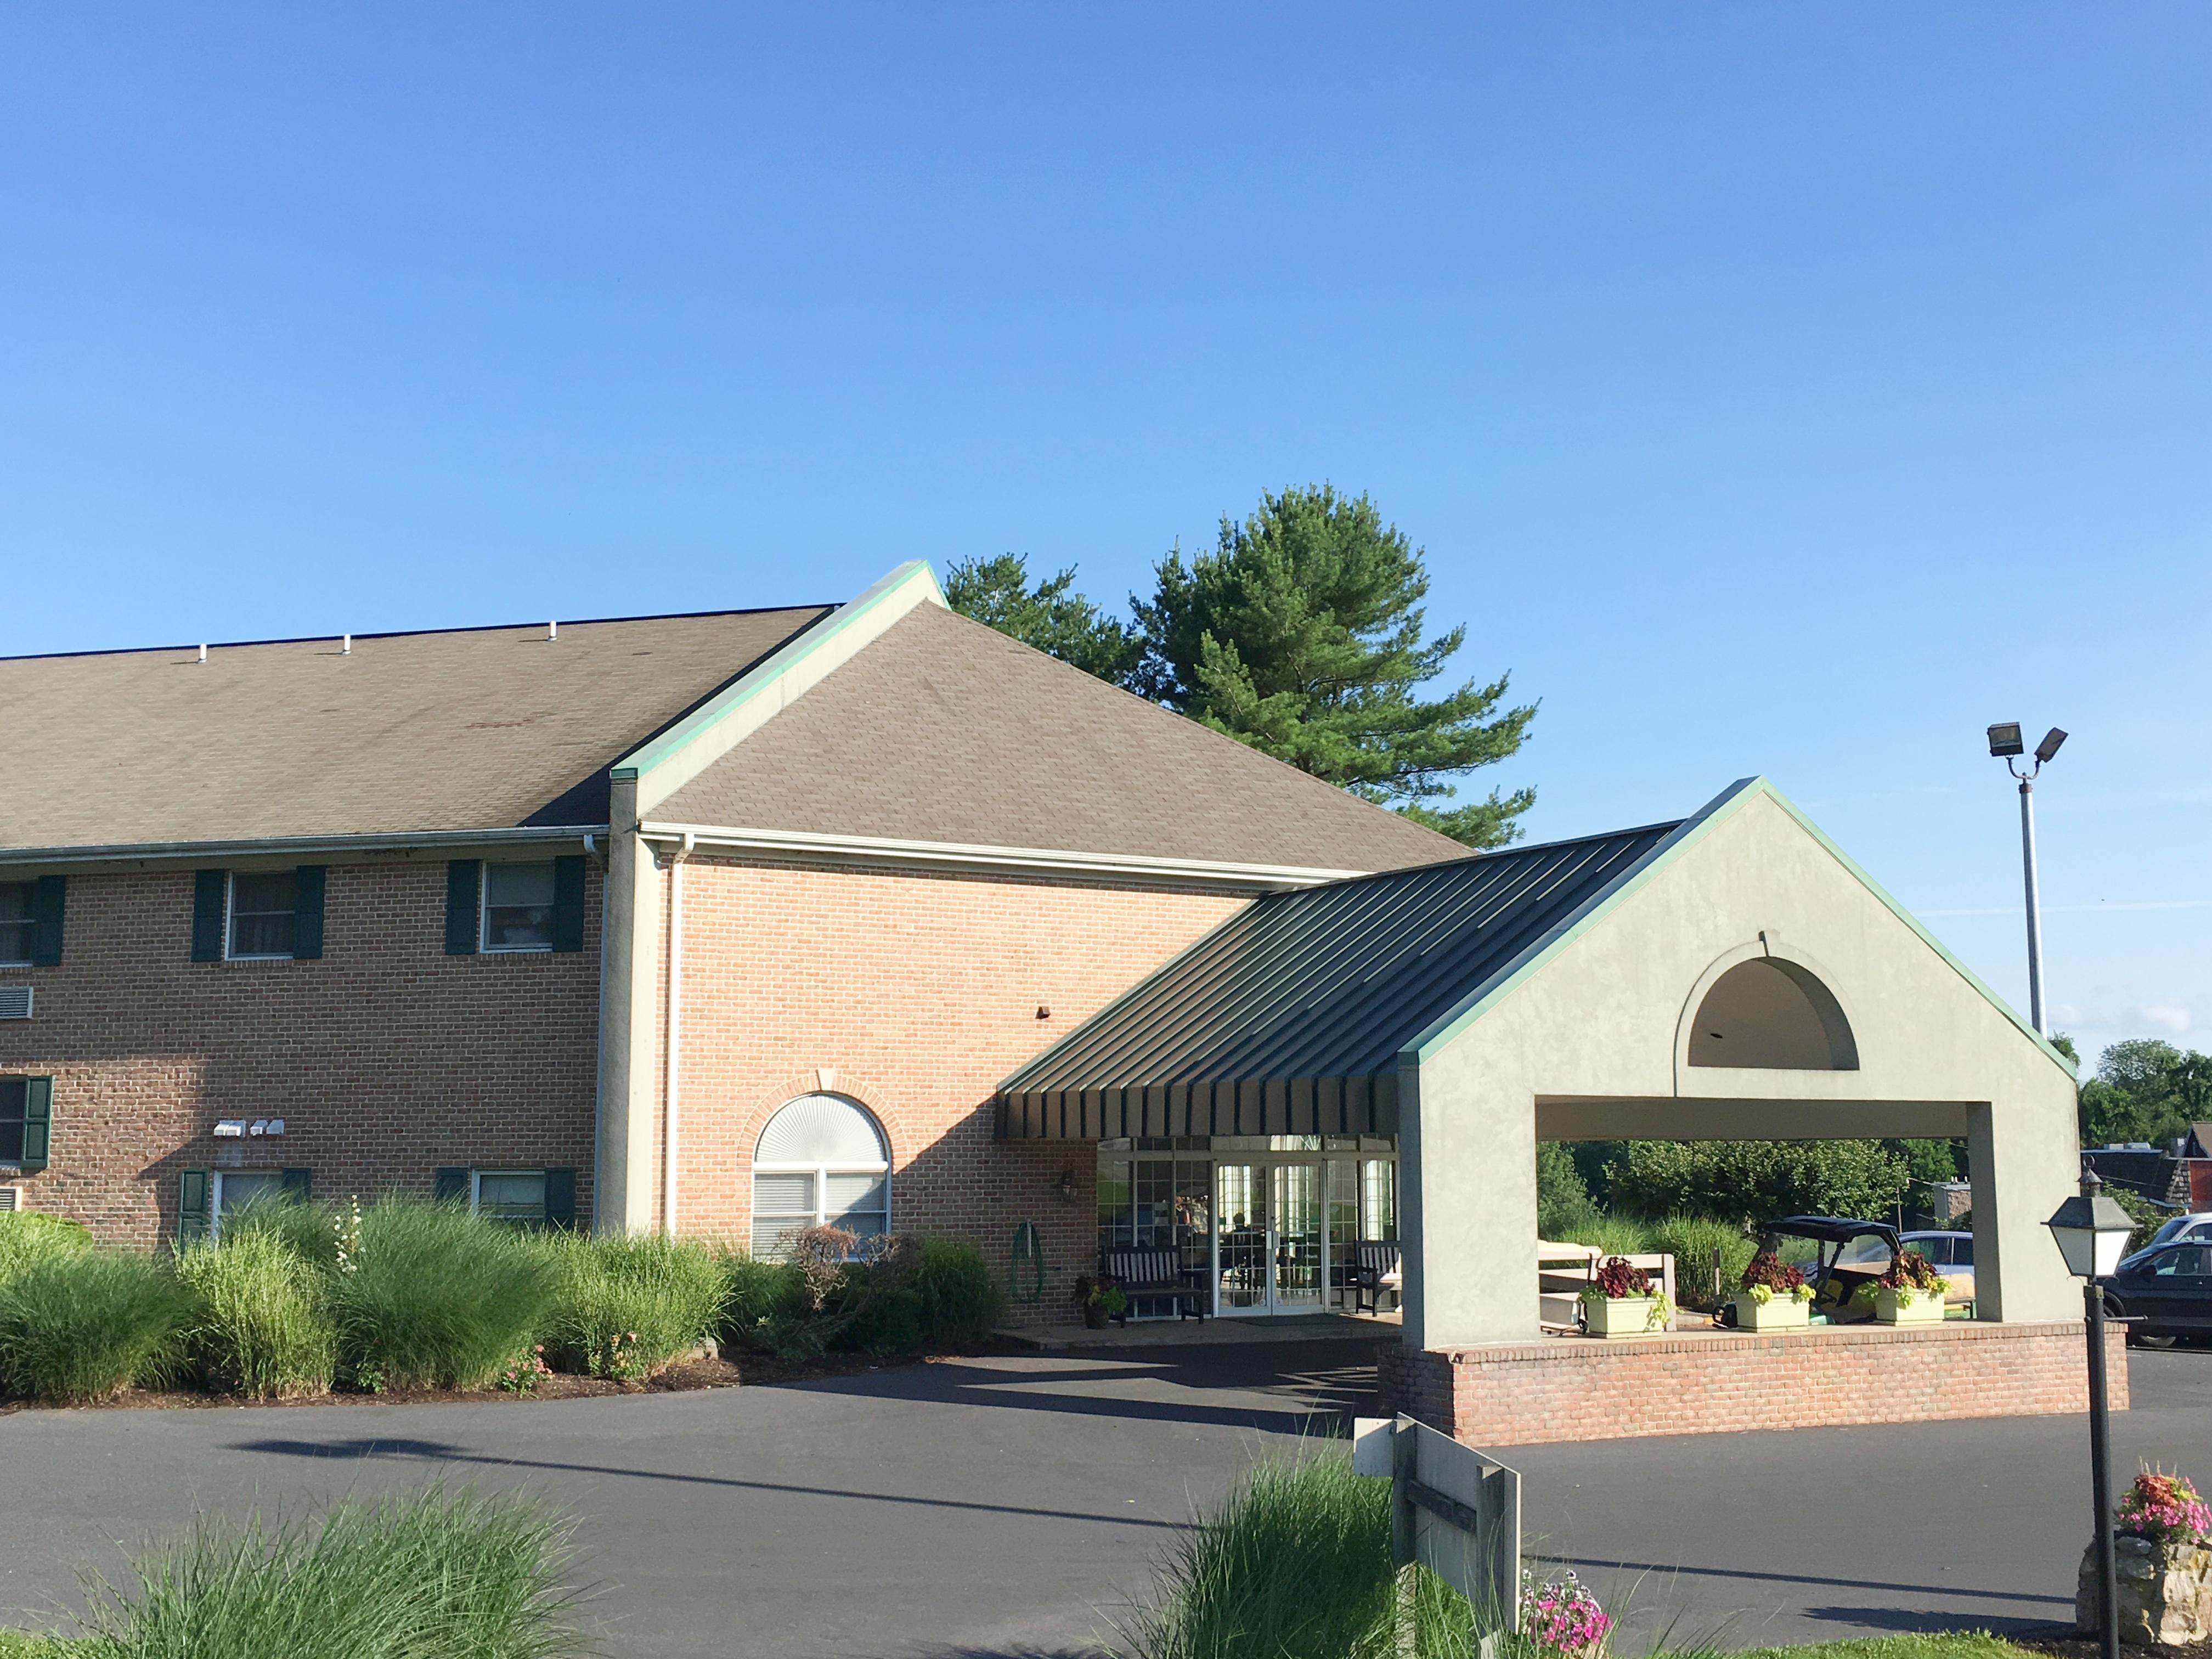 Where to Stay in Lancaster: Hershey Farm Restaurant & Inn